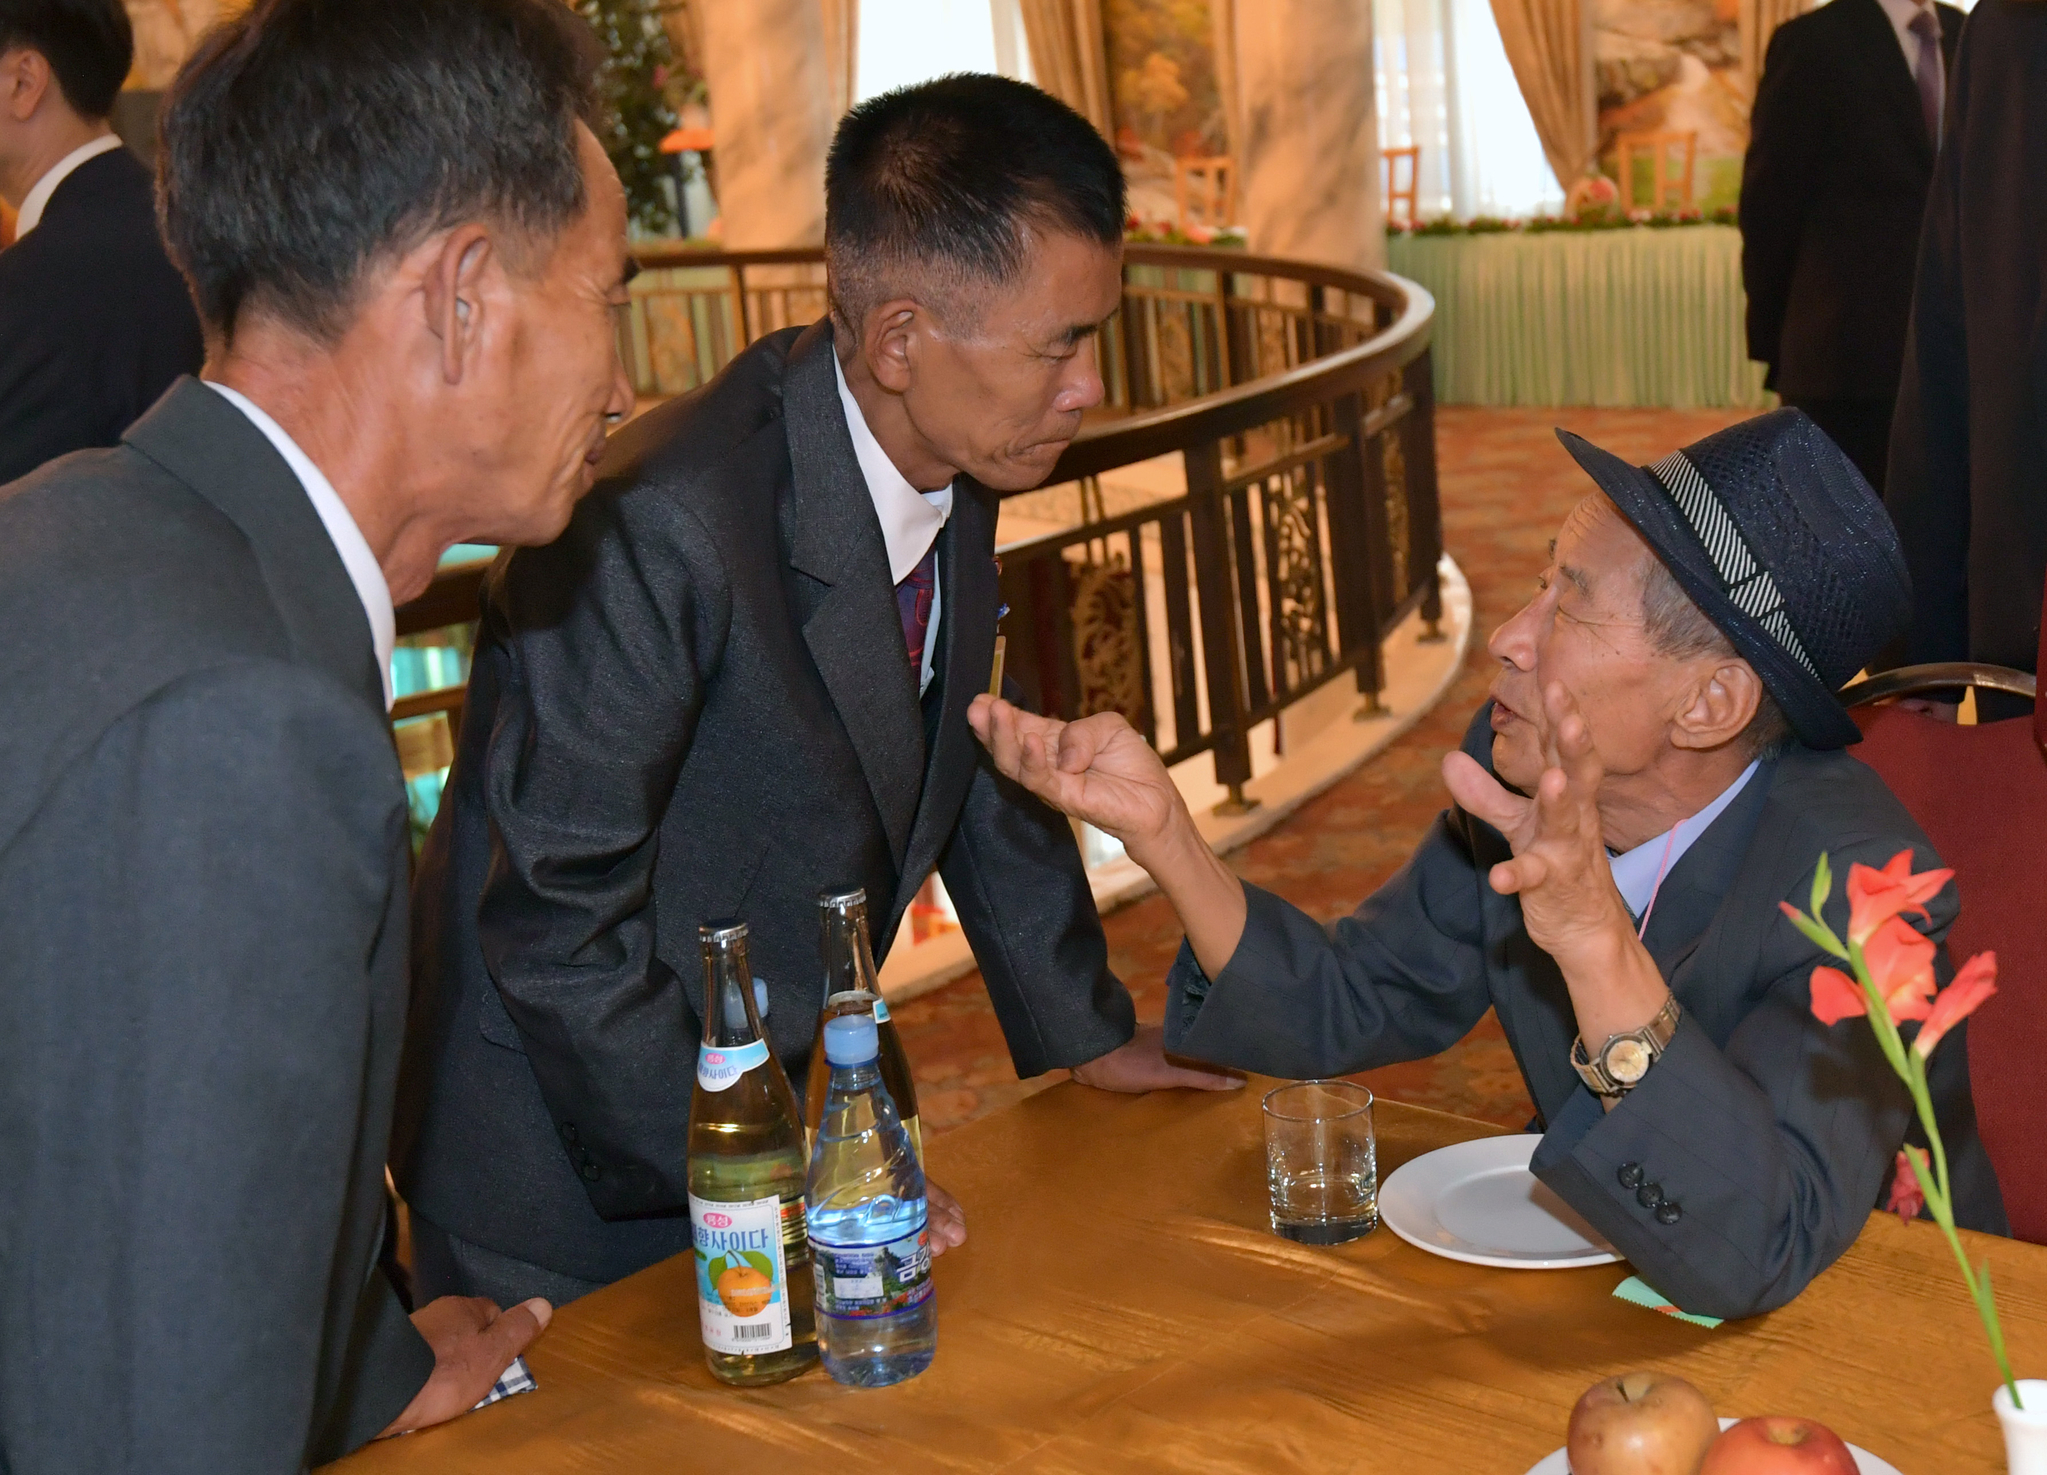 20일 오후 강원도 고성군 금강산호텔에서 양경용 할아버지가 조카들을 만나 대화하고 있다.사진공동취재단